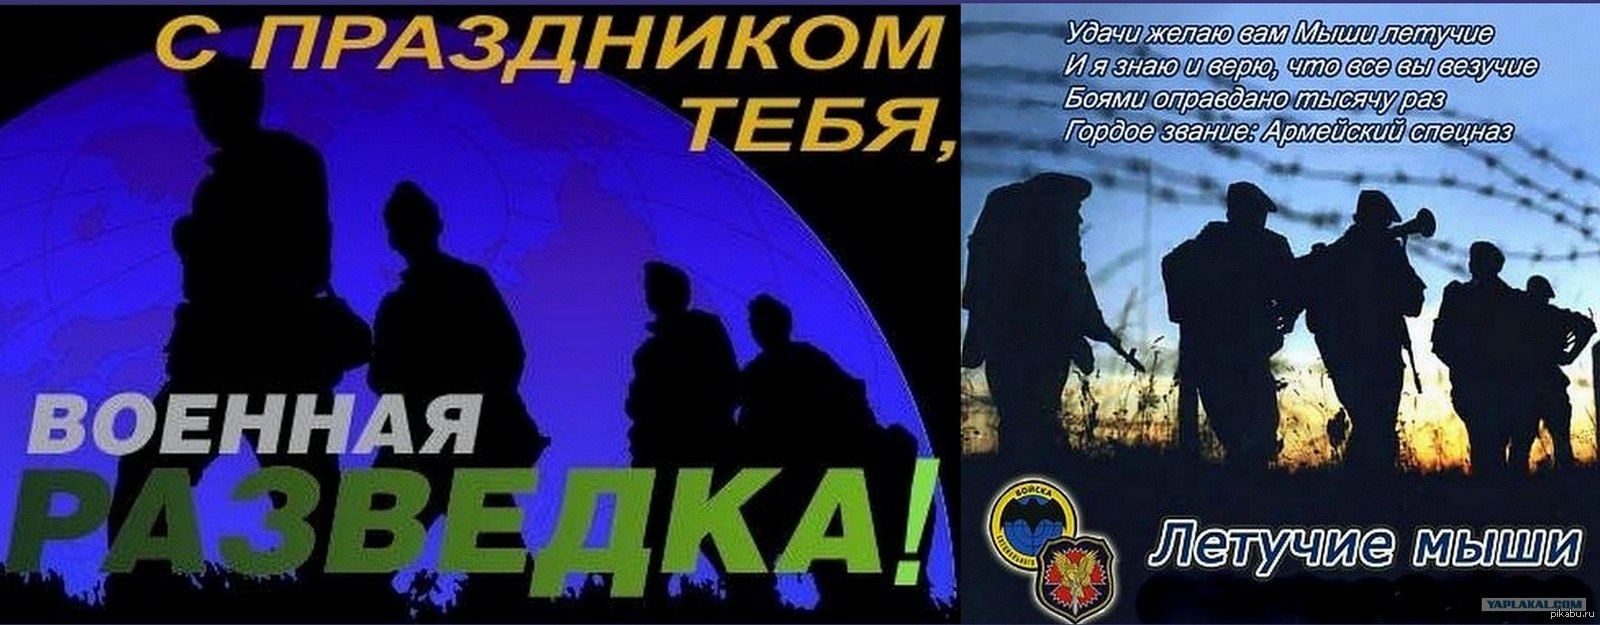 Картинки с днем военного разведчика поздравления, сделать пригласительная открытка